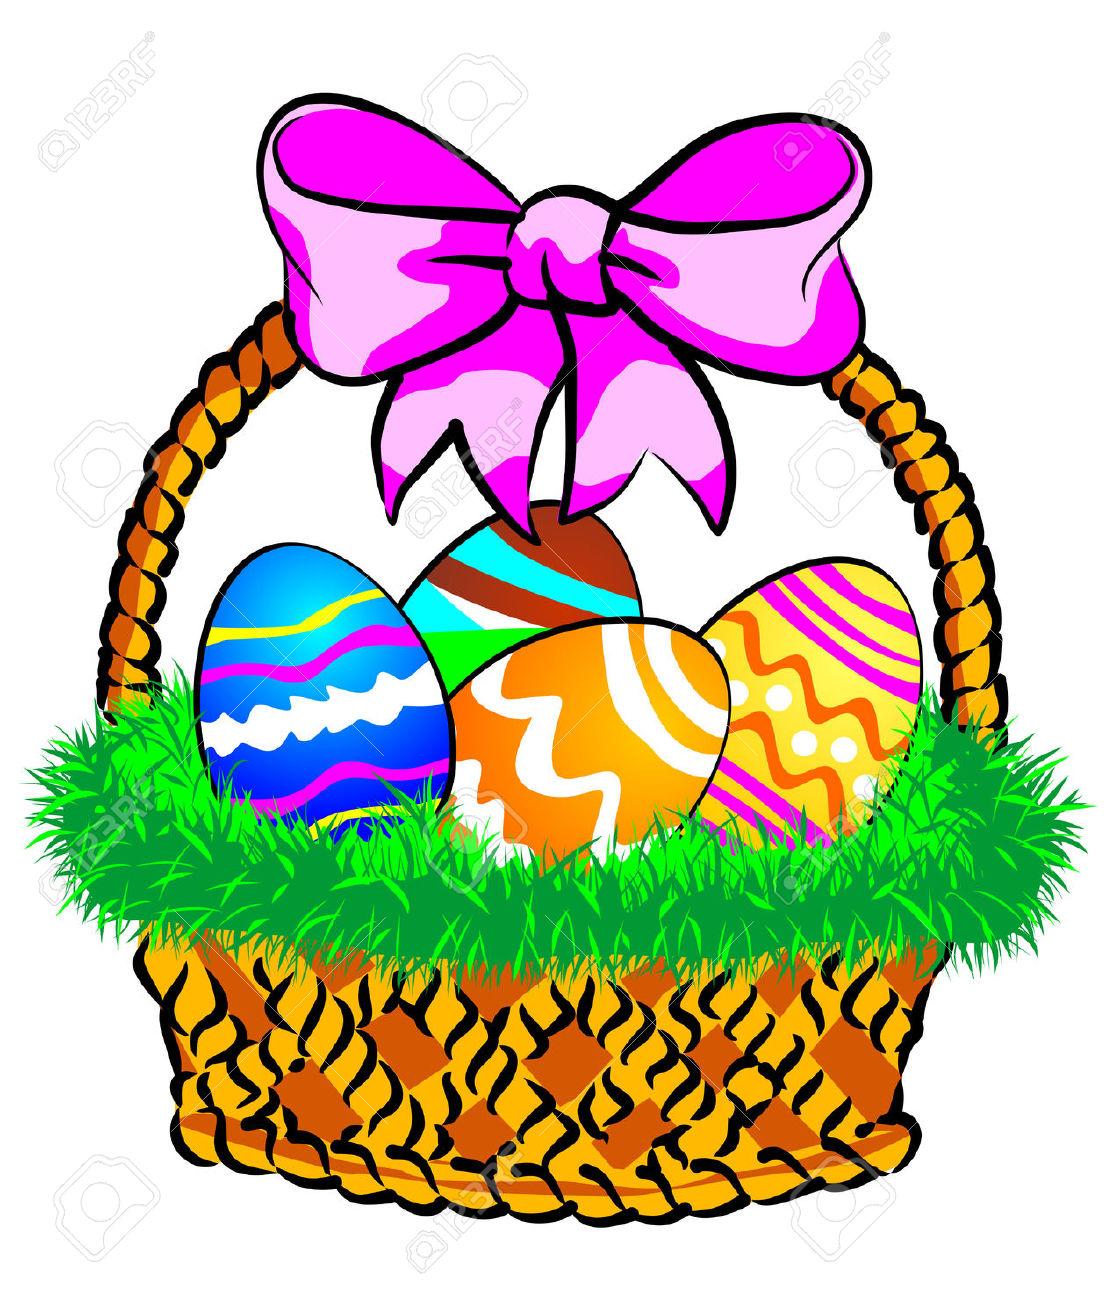 Easter Basket Clip Art.